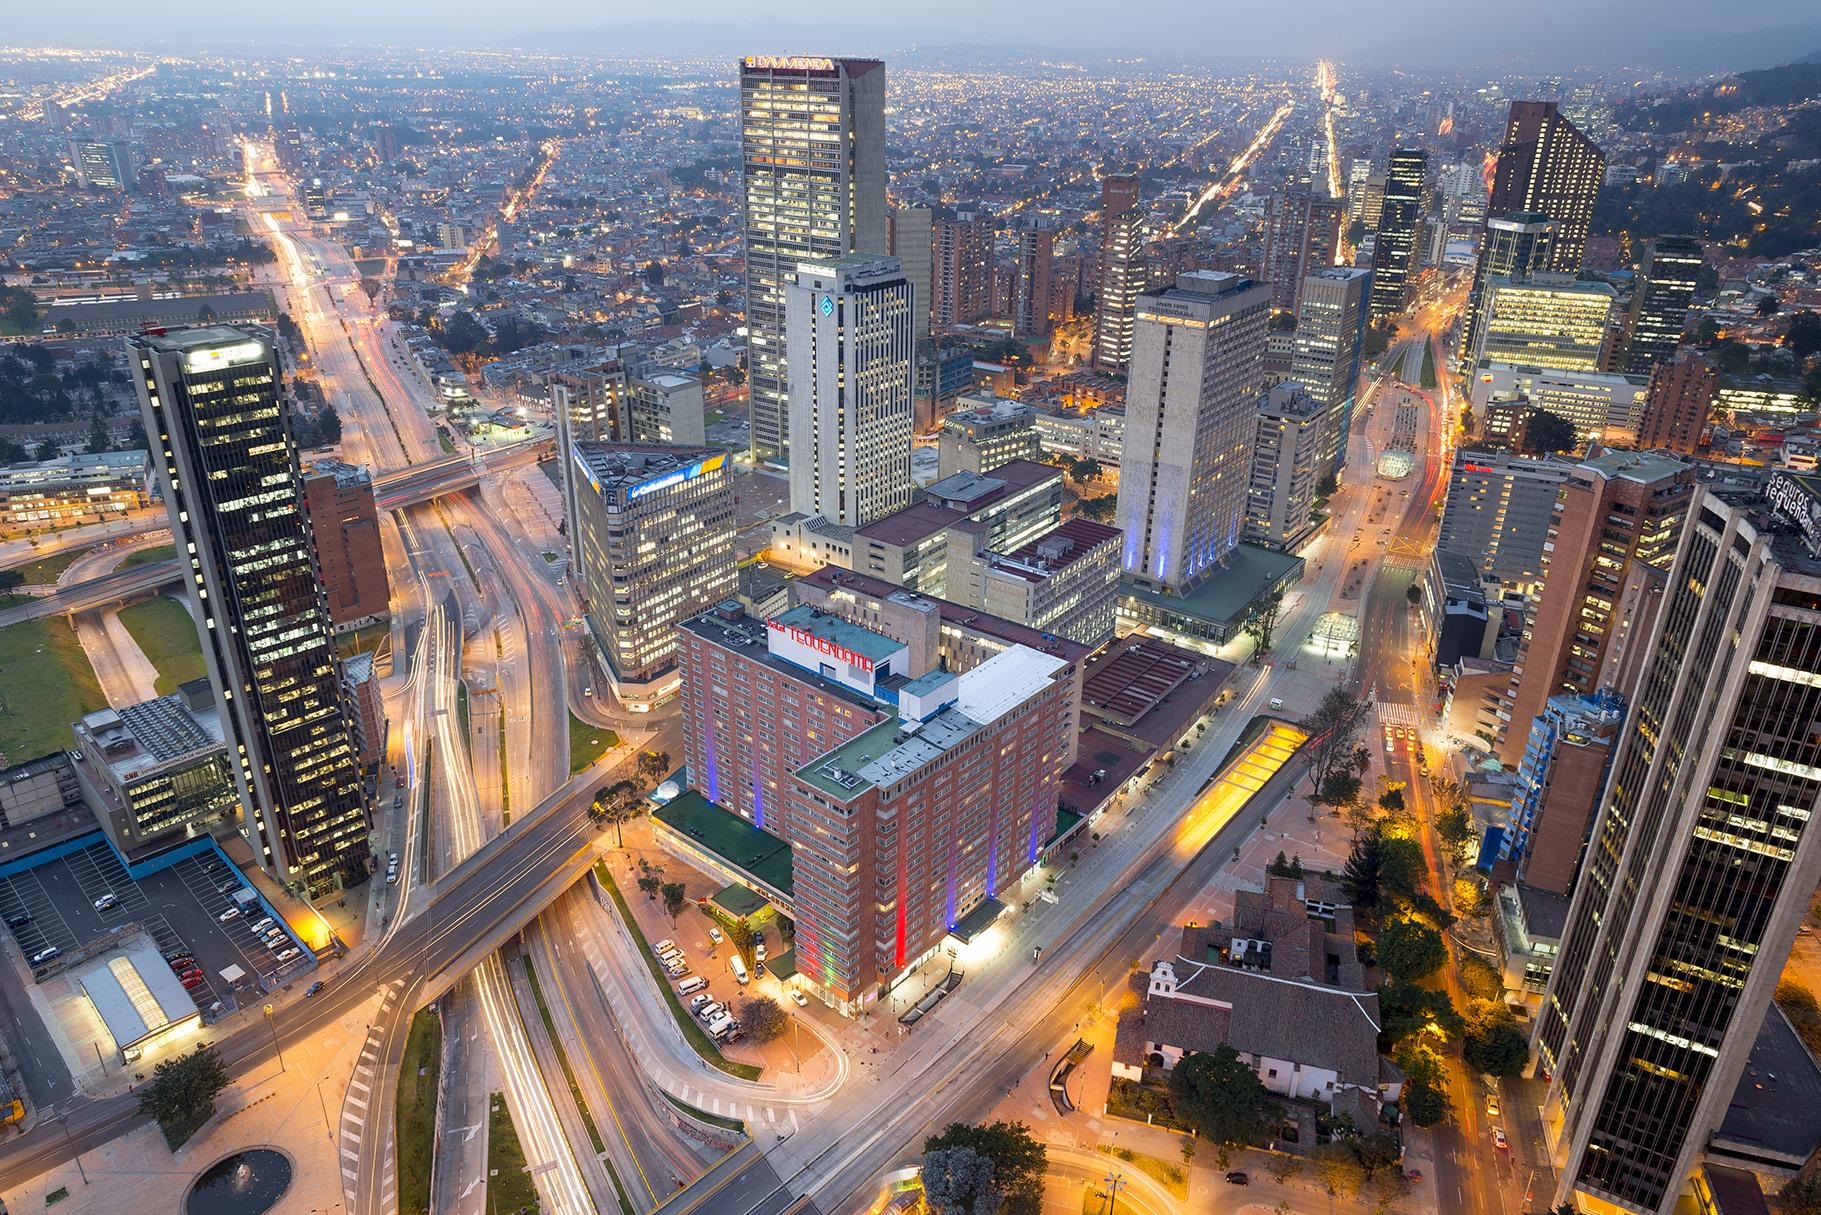 La revolución de la clase media en Colombia: una realidad y un gran reto